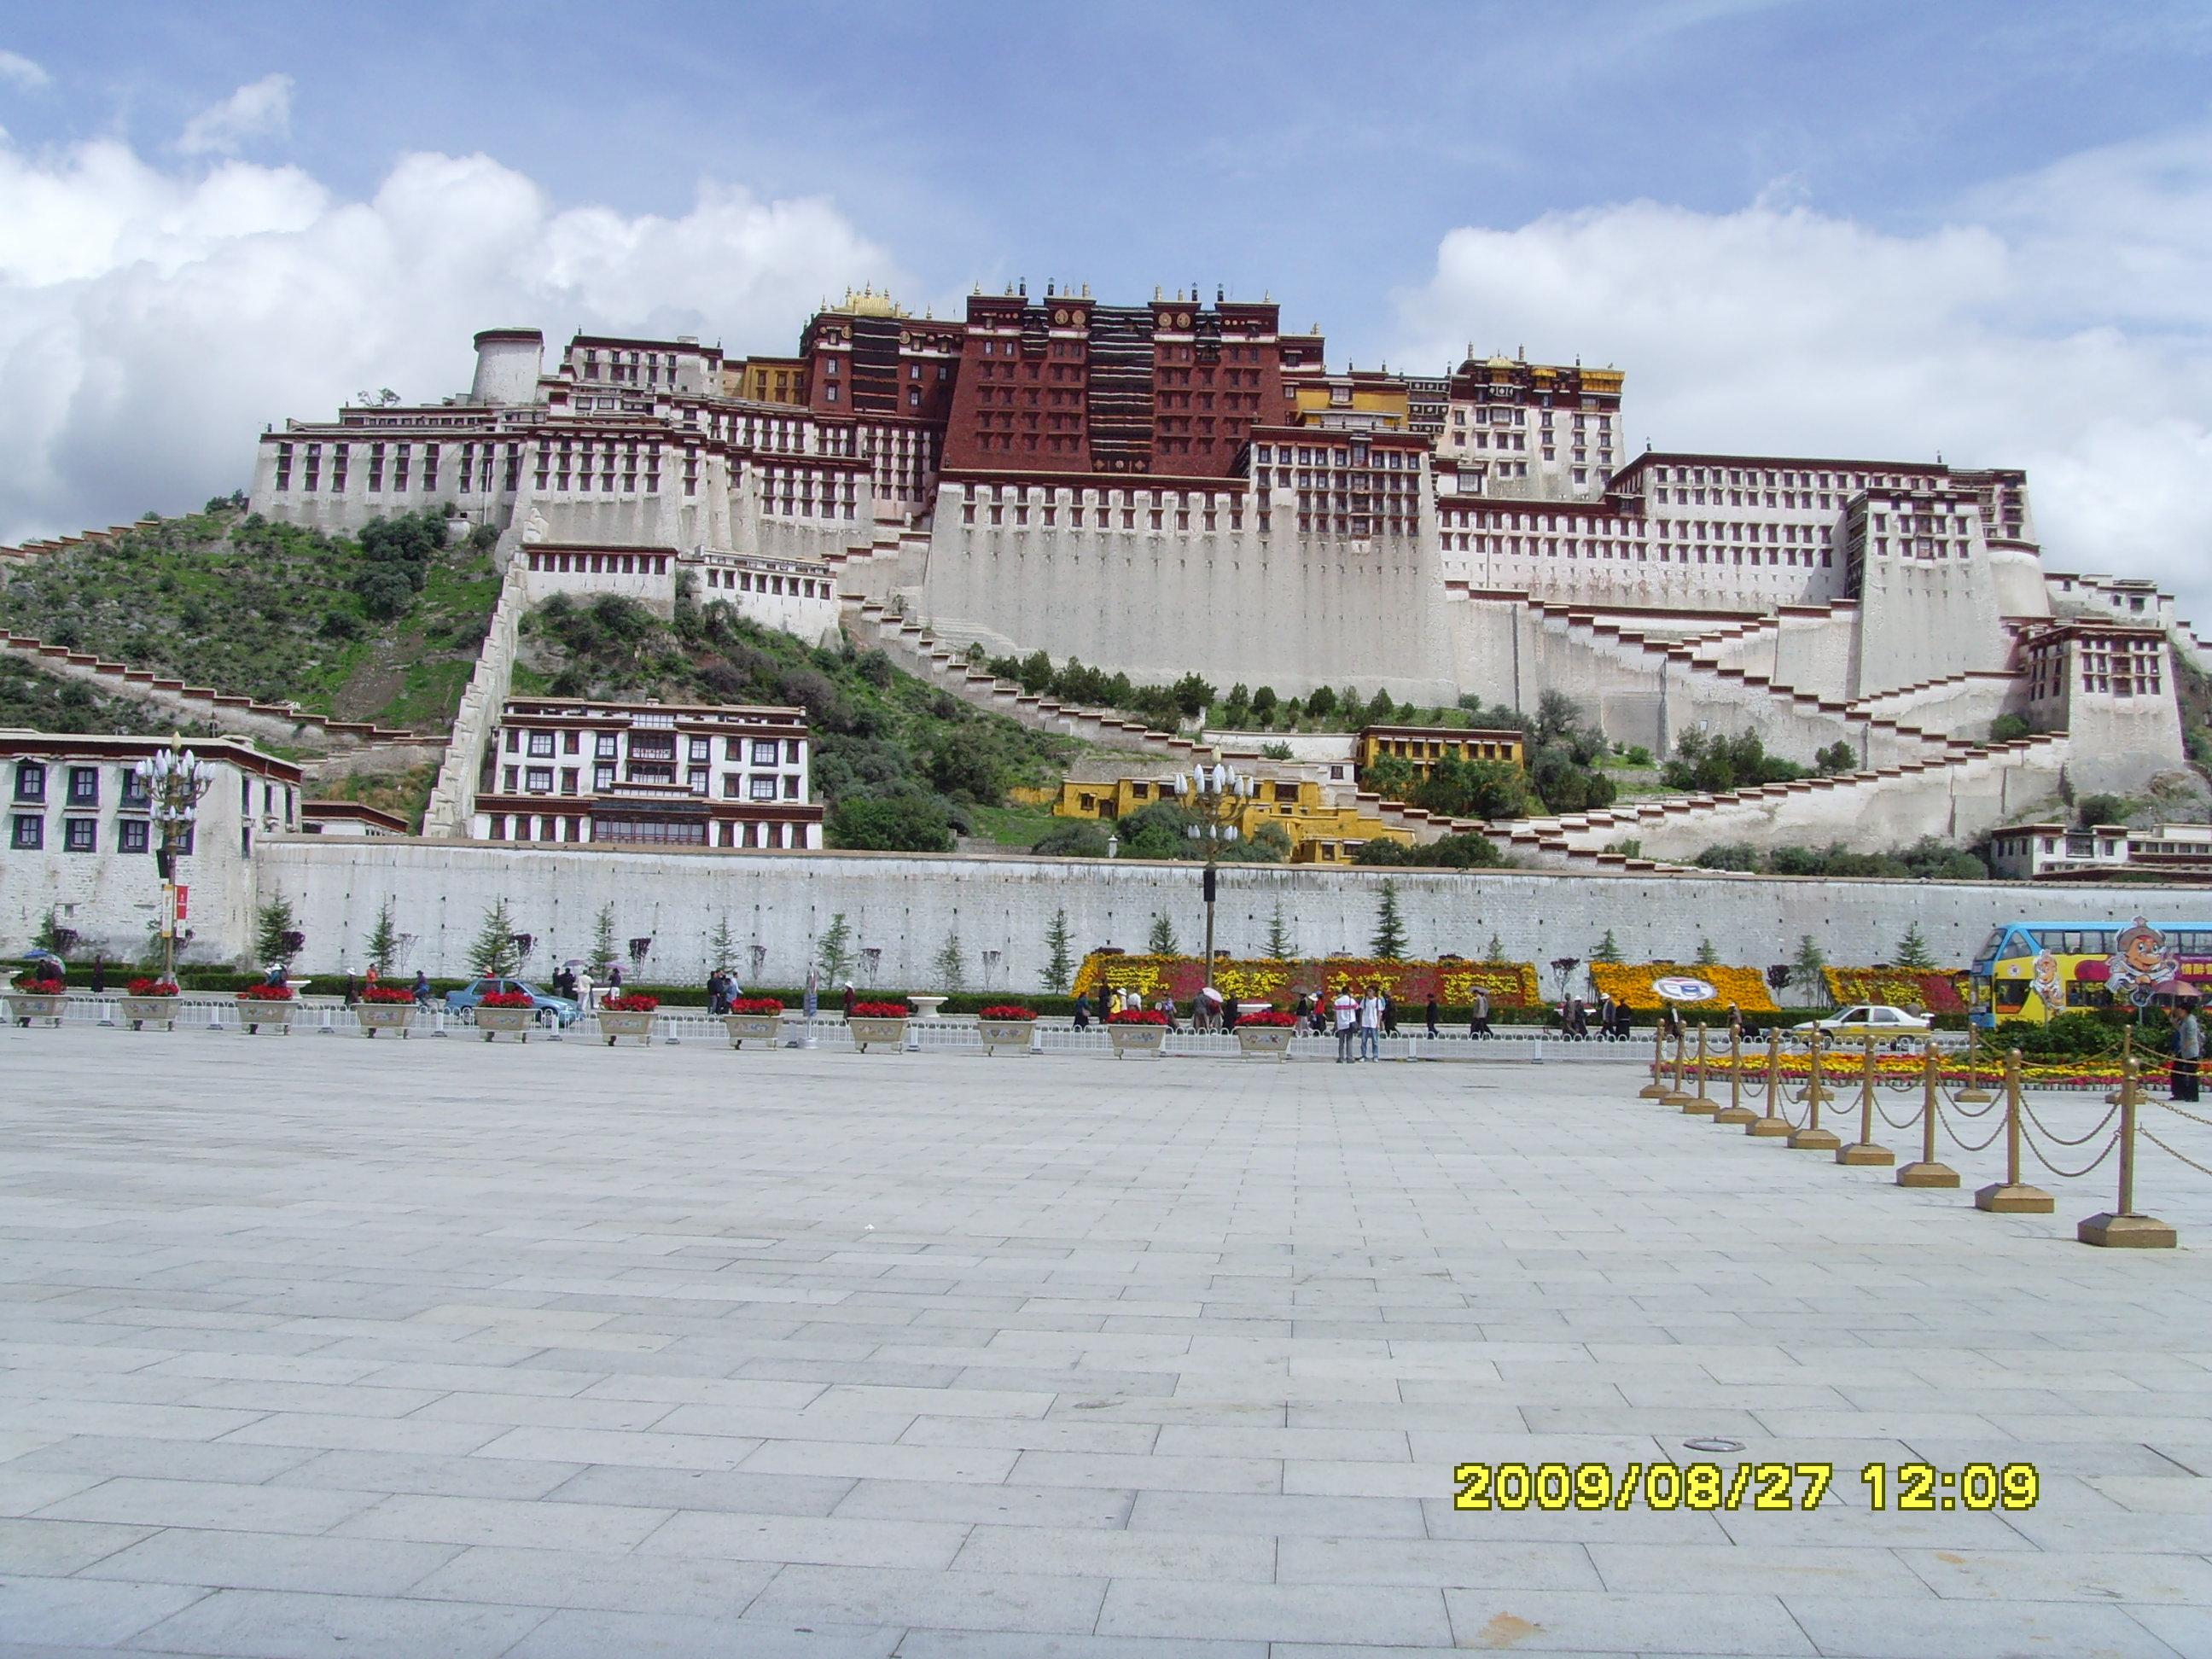 不去青海,西藏,不知道中国地大物博,我们乘火车跑了20多个小时才出